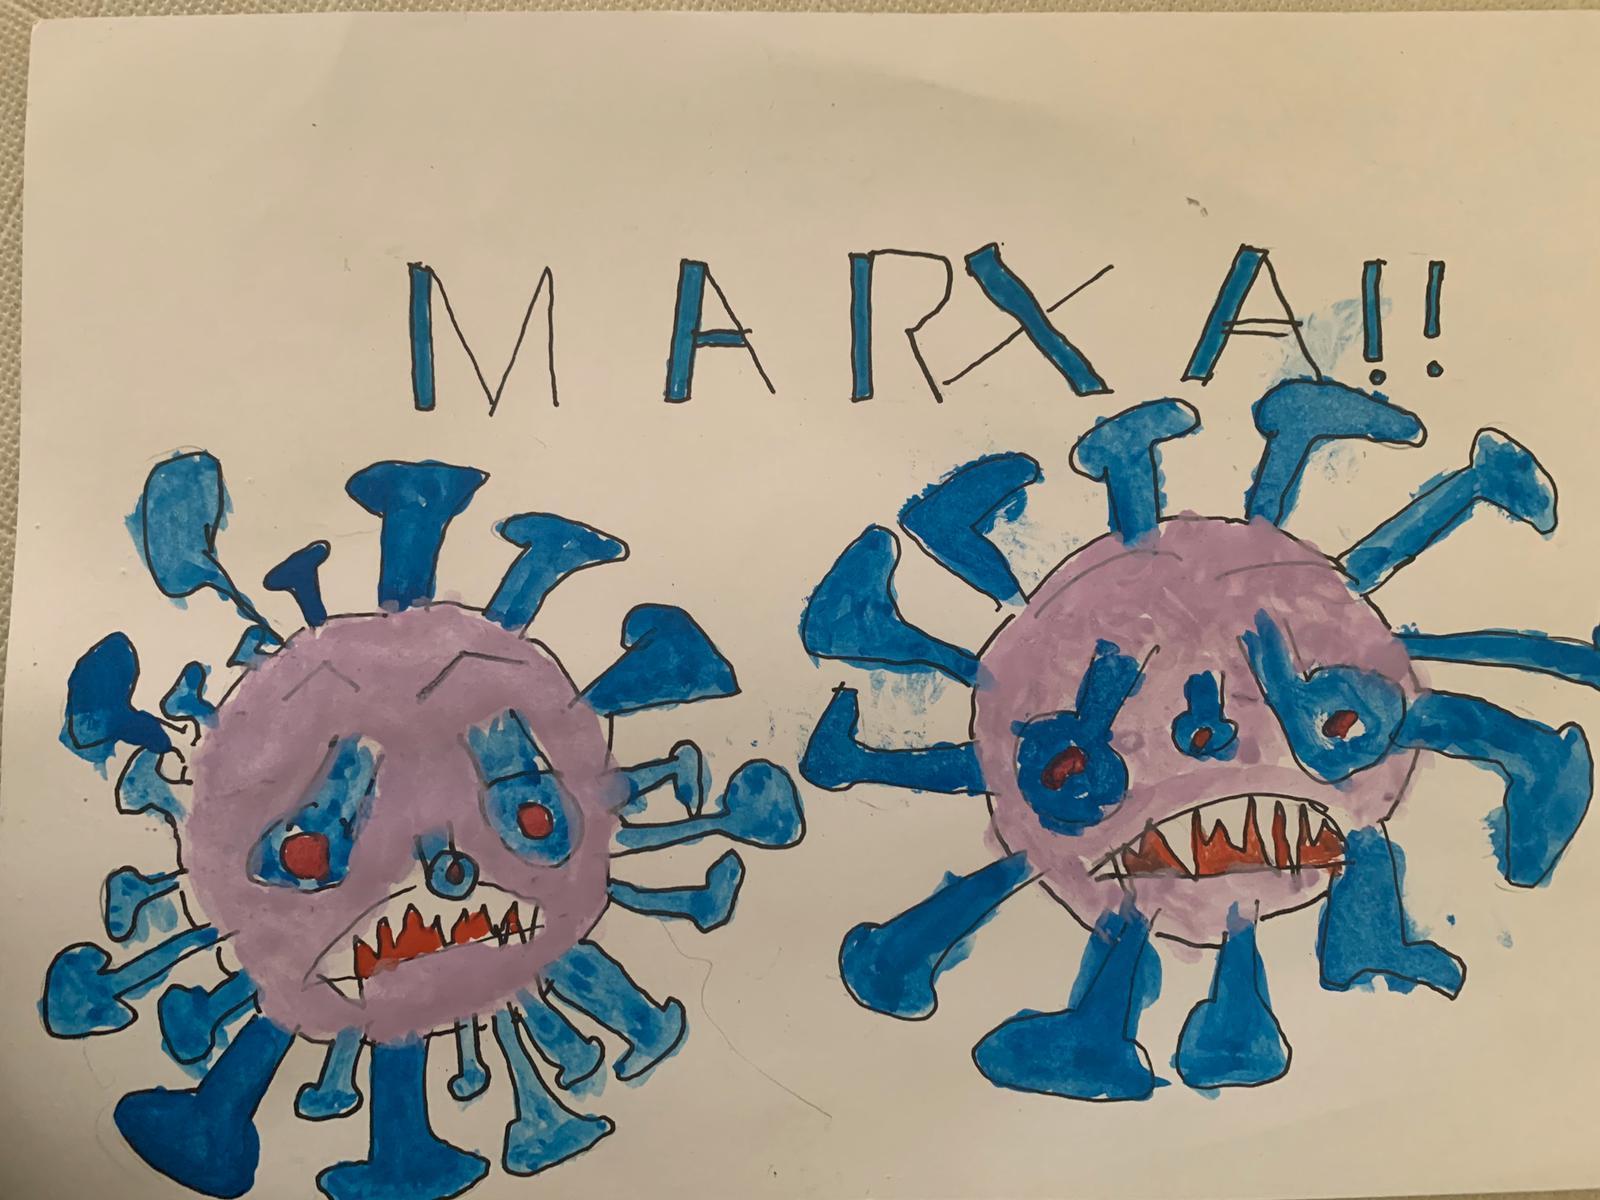 Marxa coronavirus.